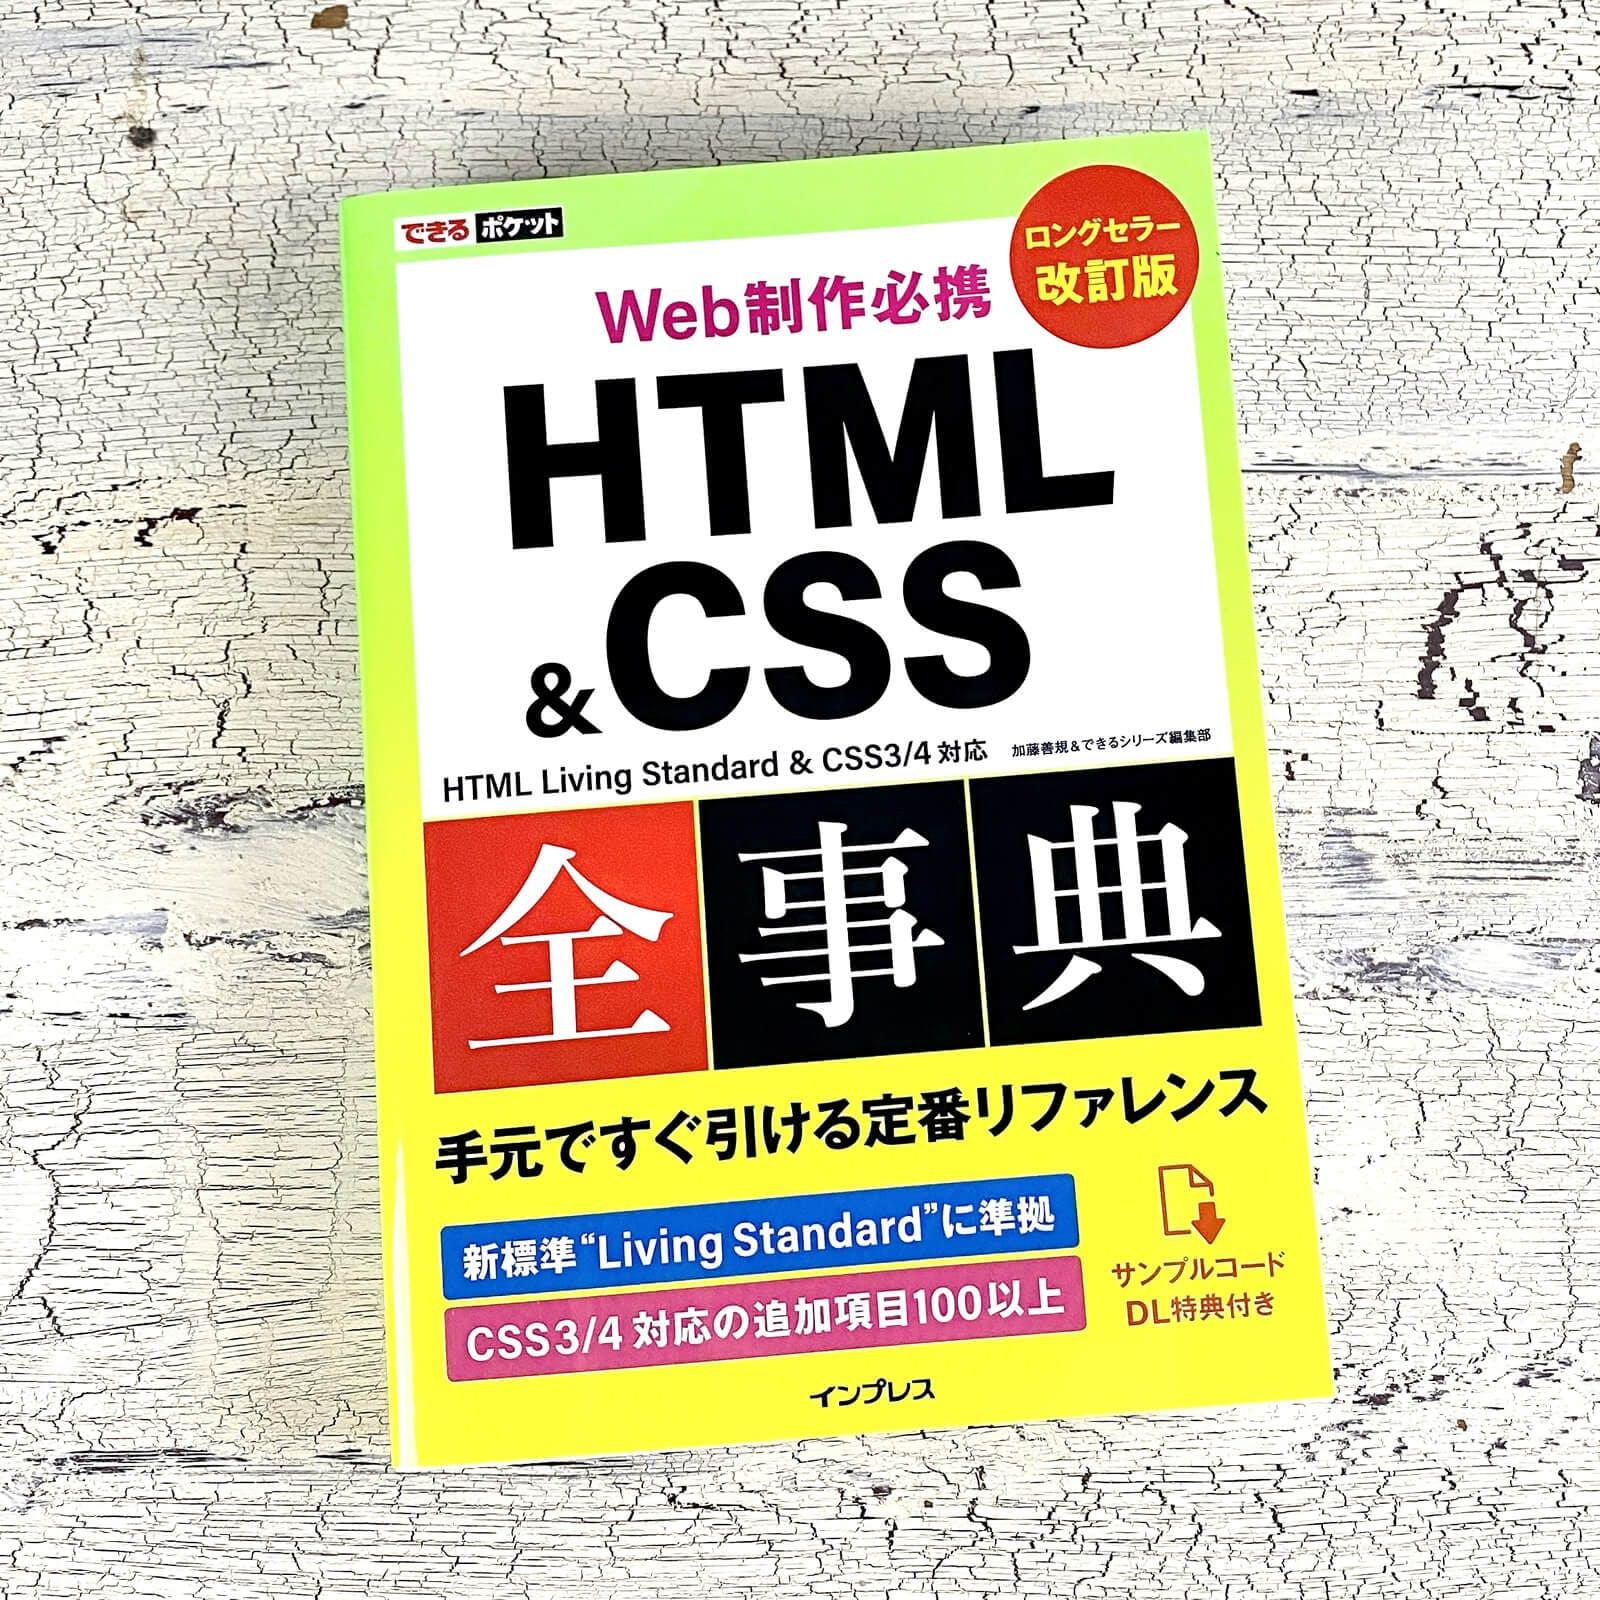 書籍「できるポケット Web制作必携 HTML&CSS全事典 改訂版 HTML Living Standard & CSS3/4対応」